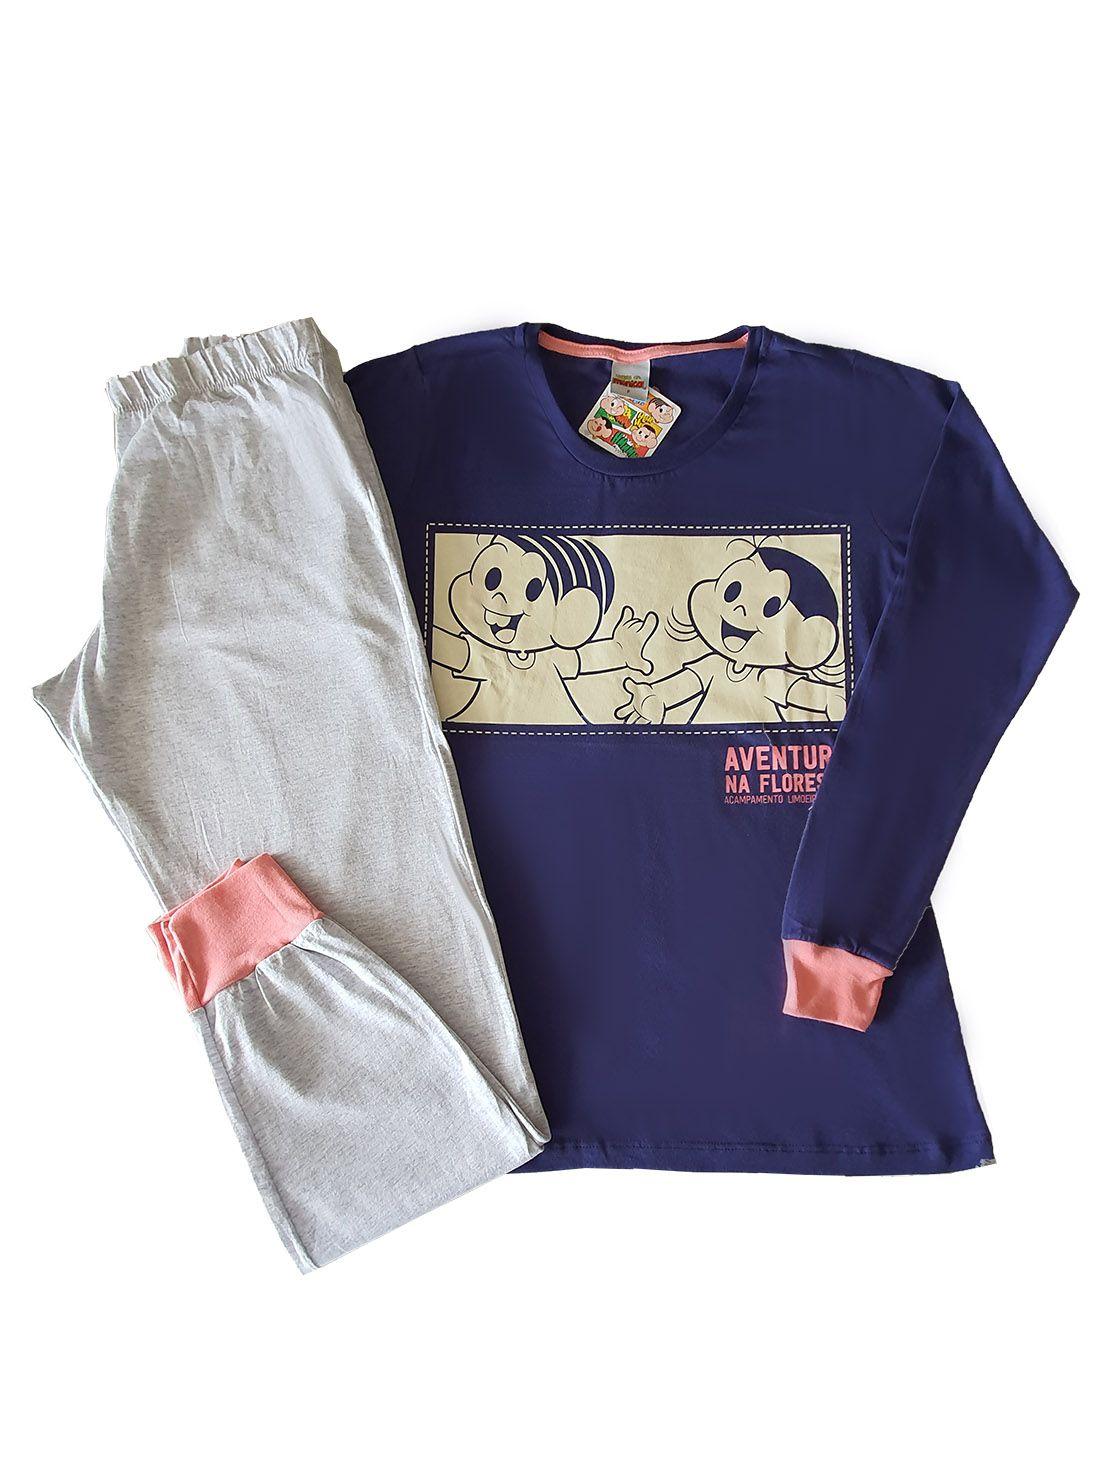 Pijama Adulto Camiseta Manga Longa e Calça Evanilda  Turma da Mônica Marinho e Mescla.